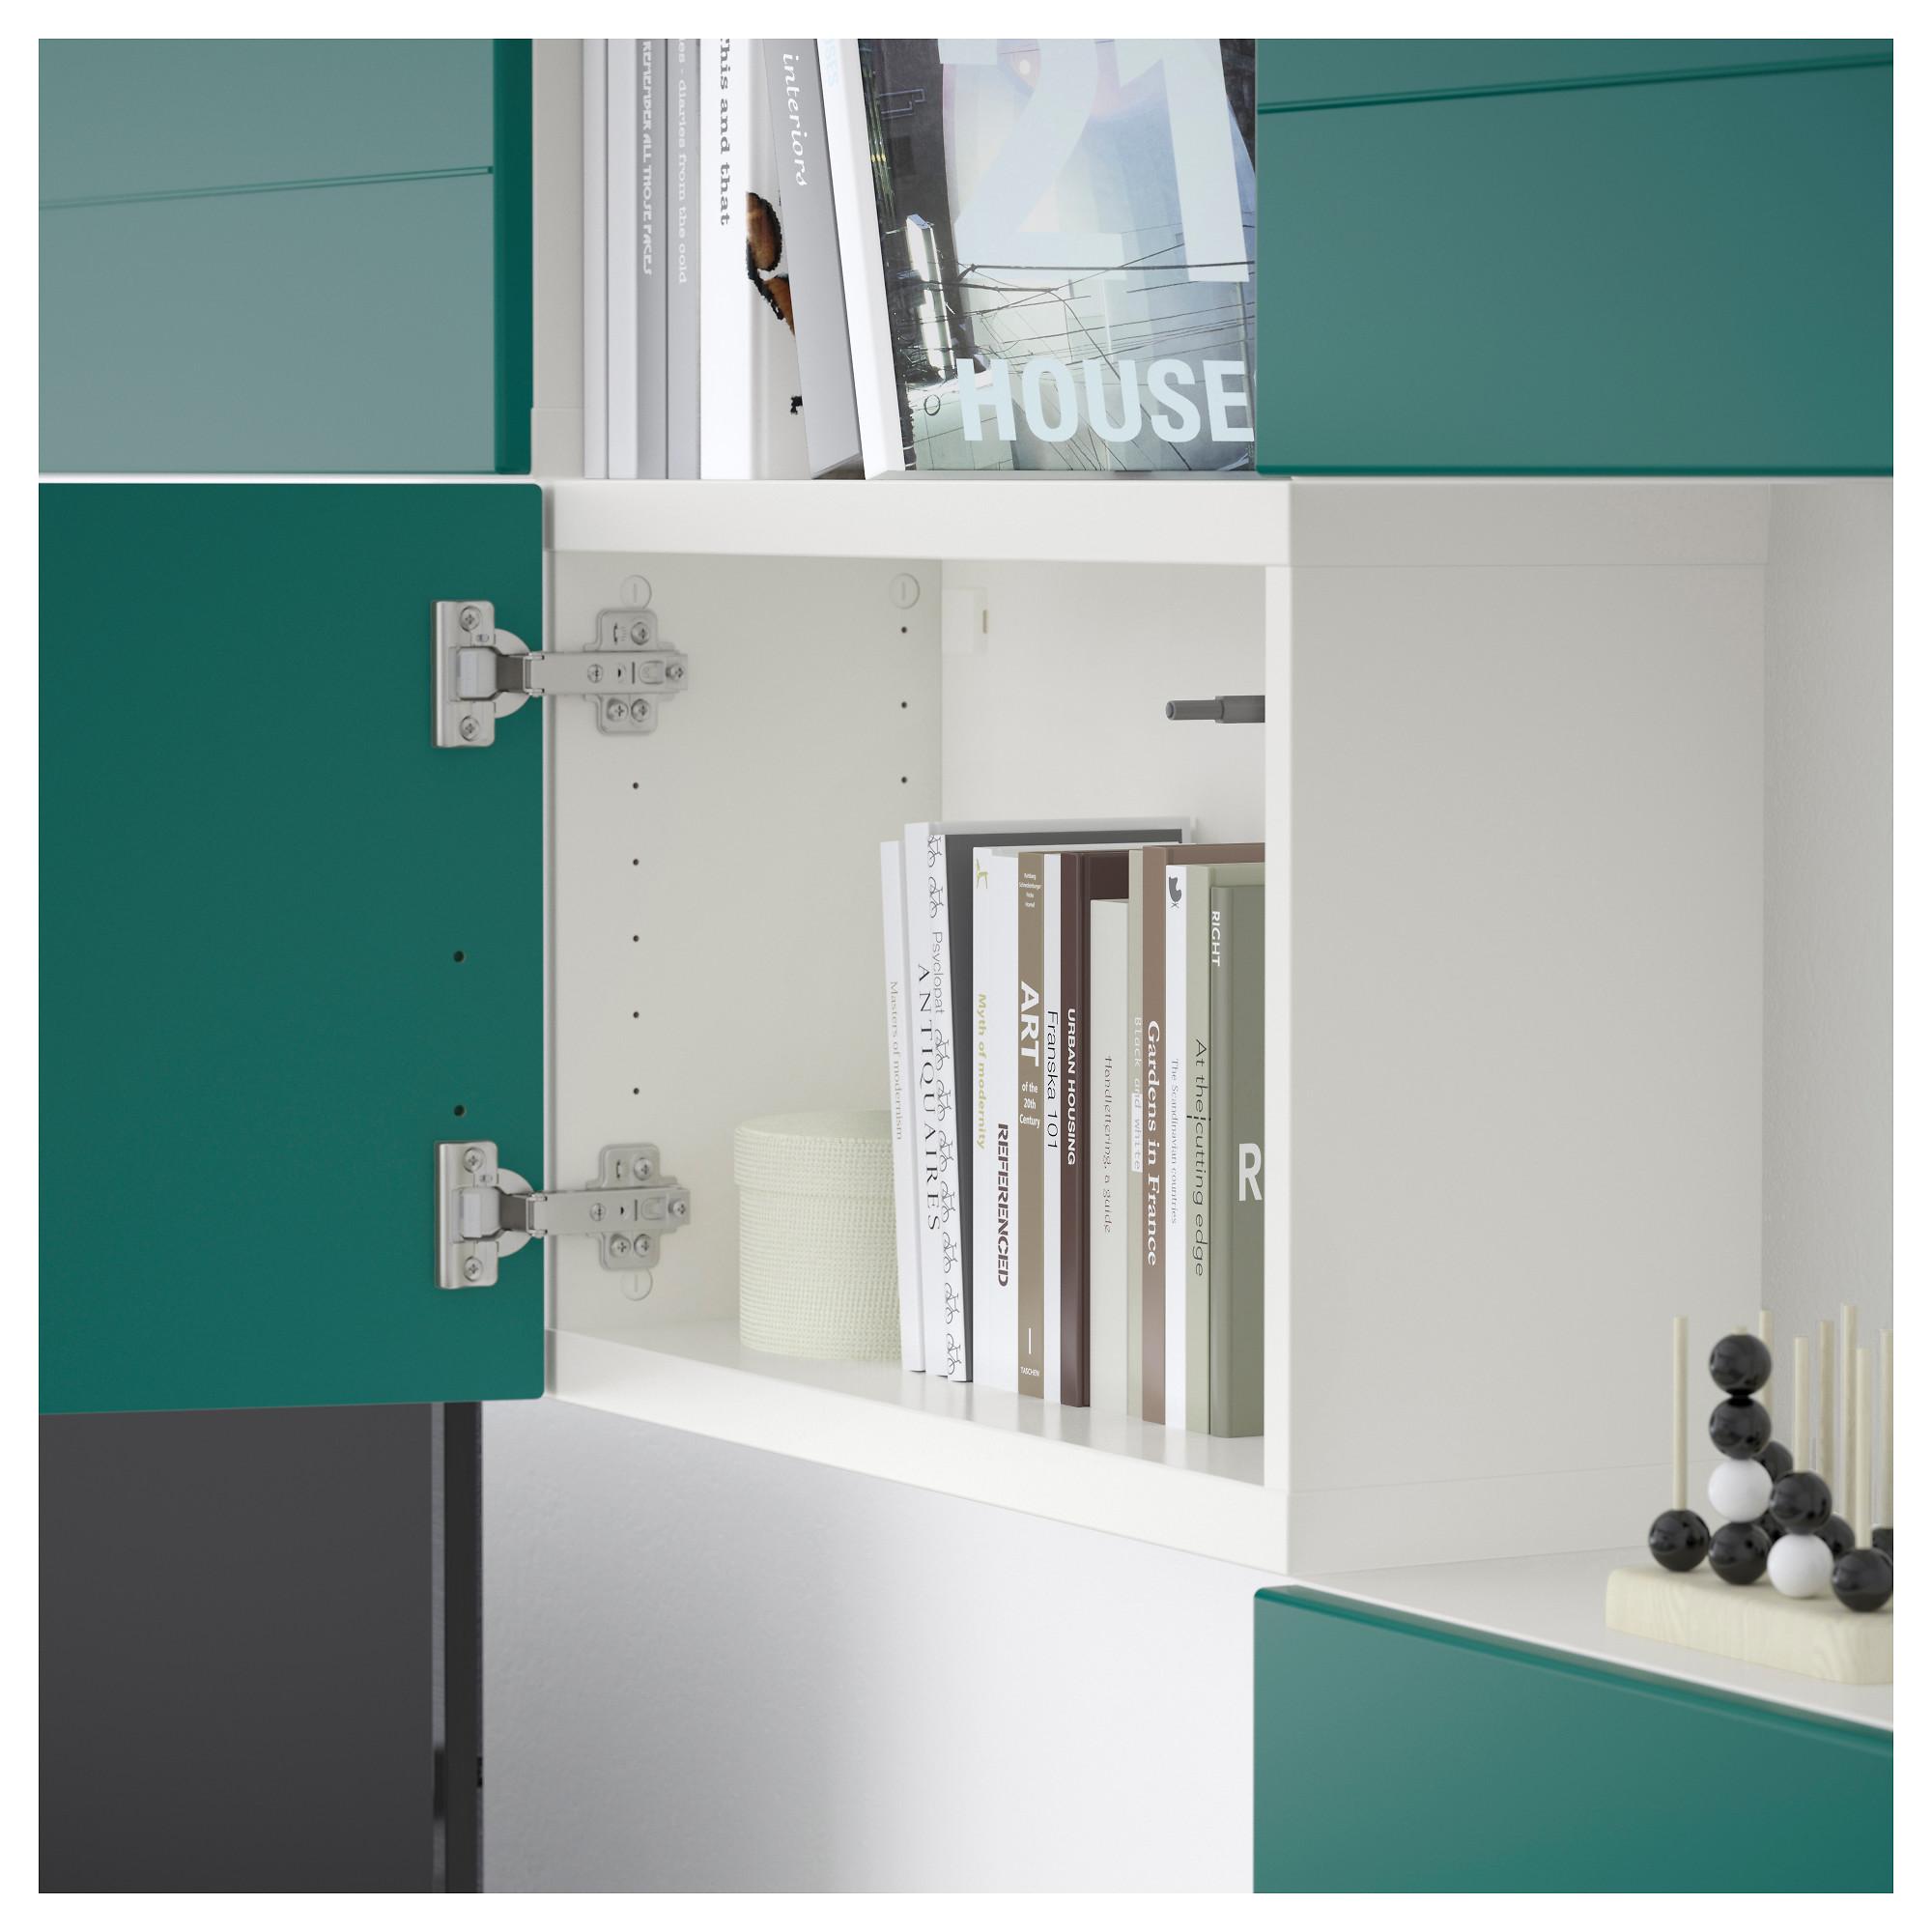 Шкаф для ТВ, комбинация БЕСТО сине-зеленый артикуль № 092.761.22 в наличии. Онлайн магазин ИКЕА РБ. Быстрая доставка и установка.